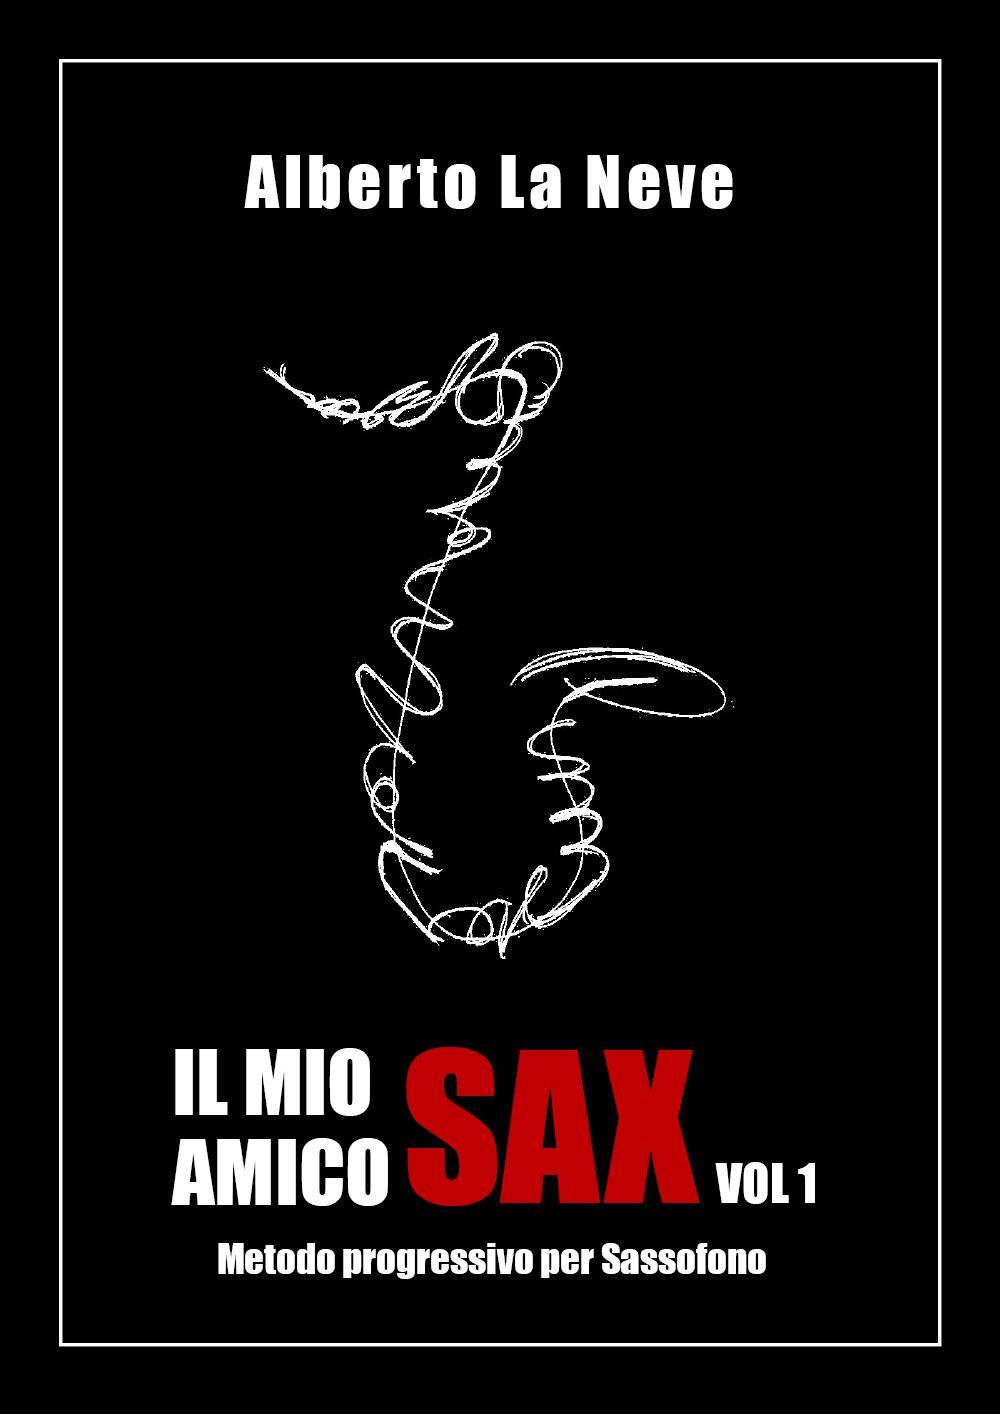 Il mio amico Sax Vol. 1 - Metodo progressivo per Sassofono